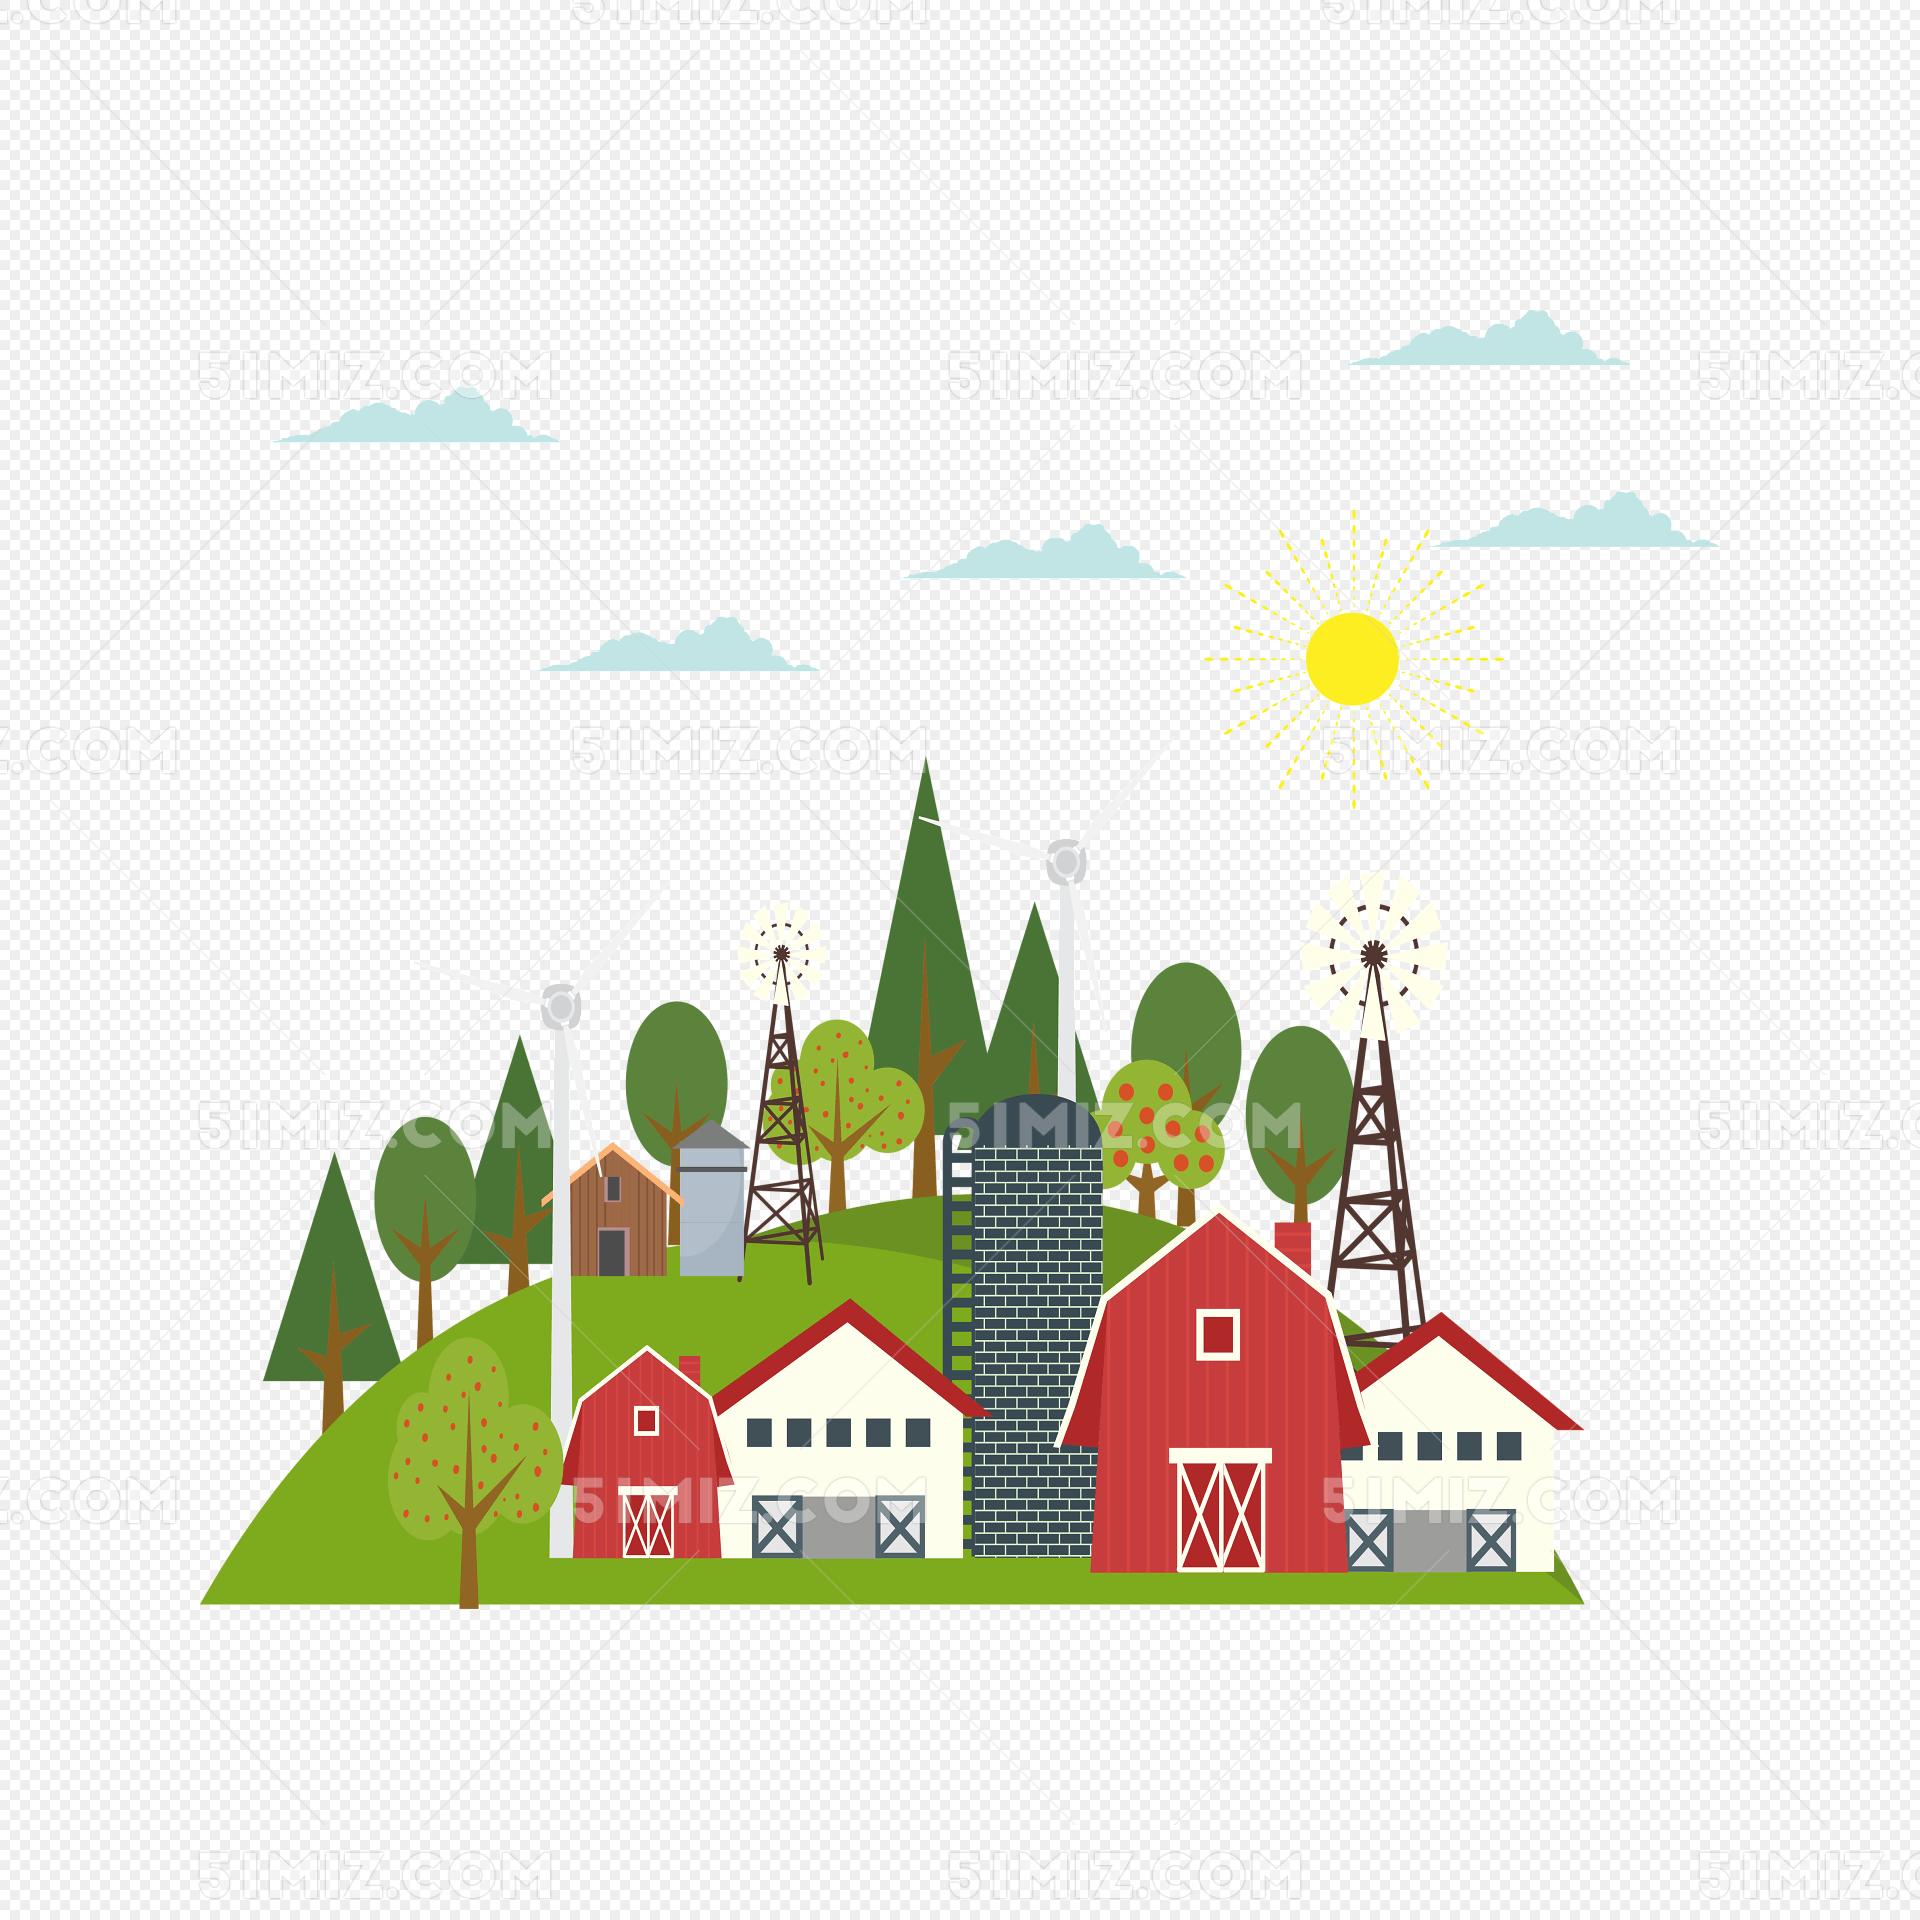 阳光下的乡村房屋卡通矢量图